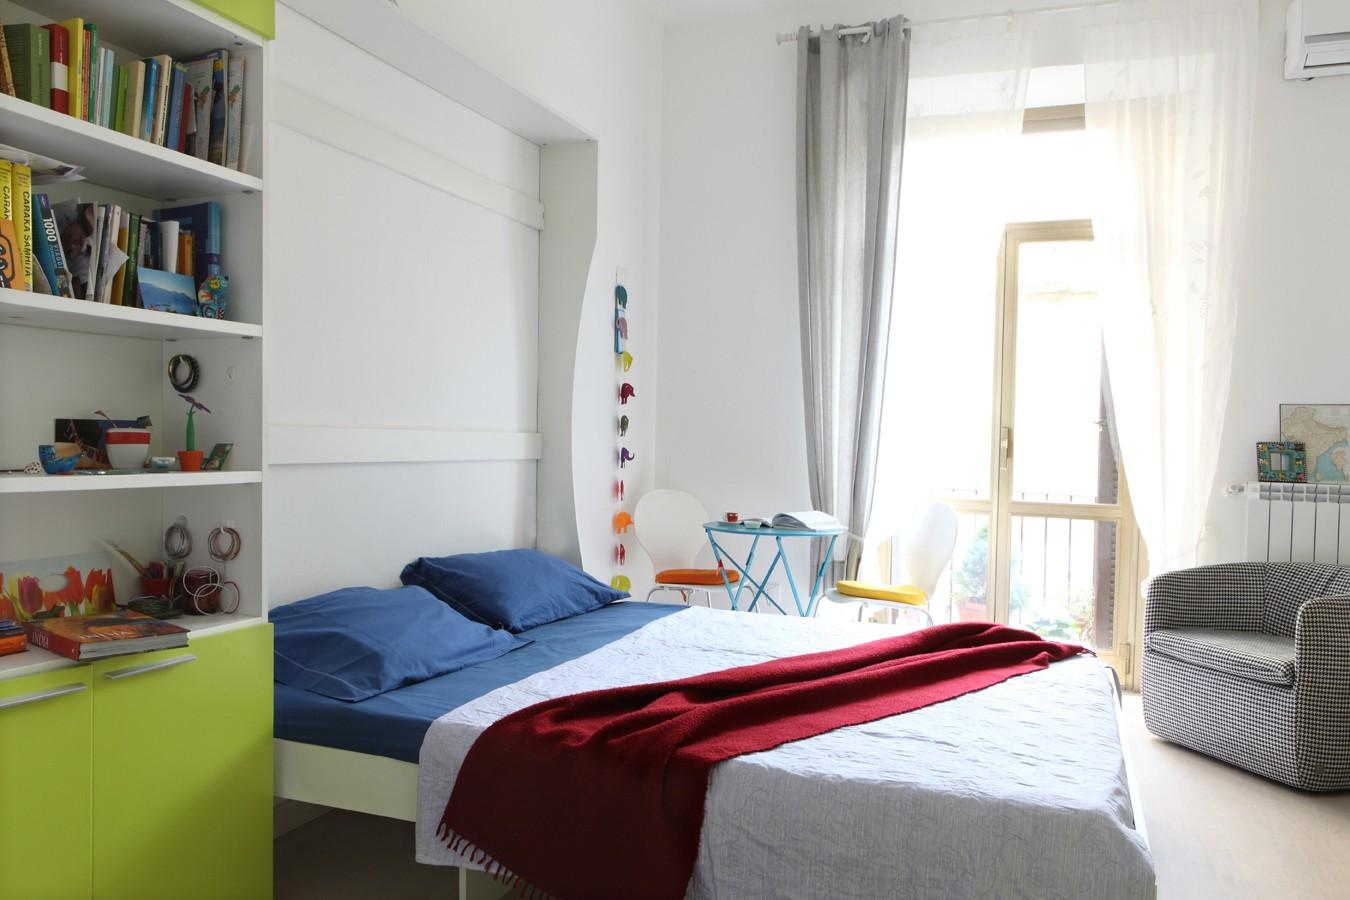 Riscaldamento nel condominio: le regole da seguire